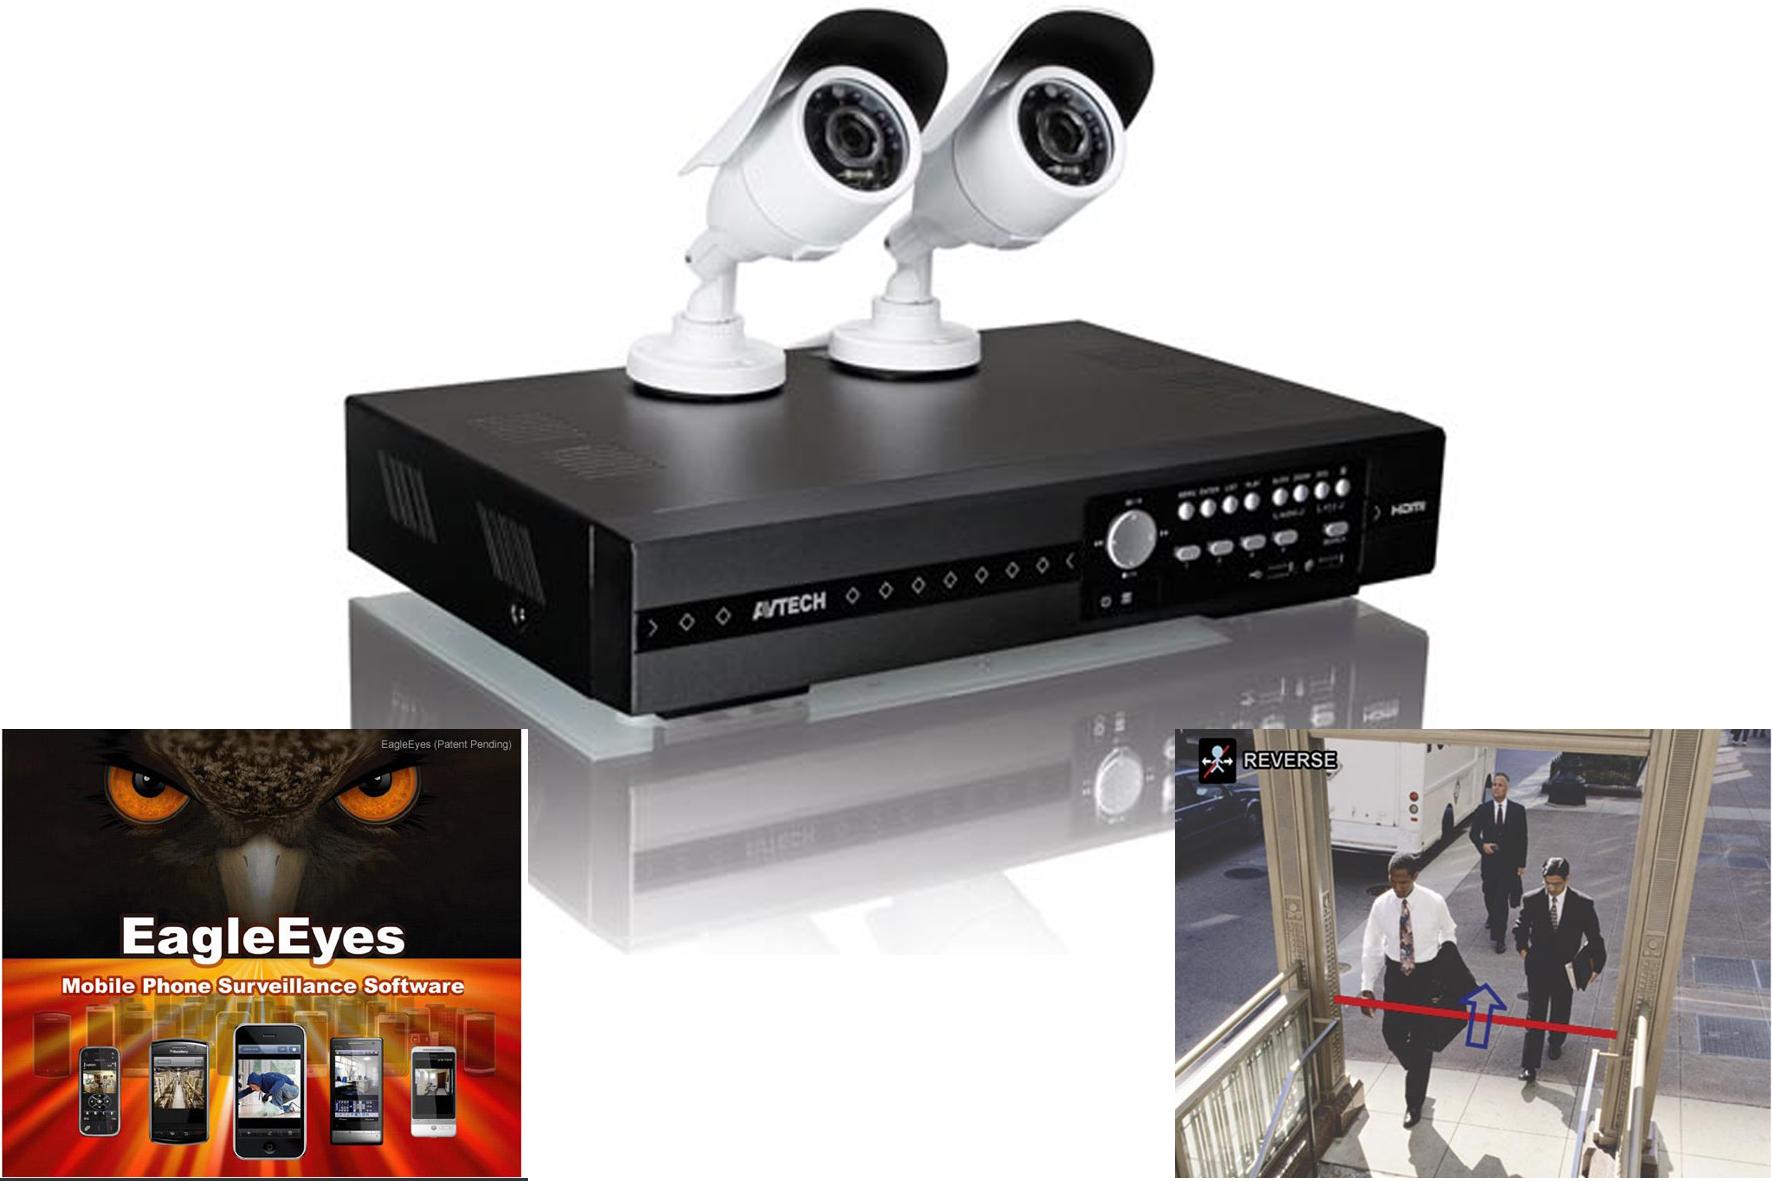 set de video surveillance velleman achat en ligne ou dans. Black Bedroom Furniture Sets. Home Design Ideas